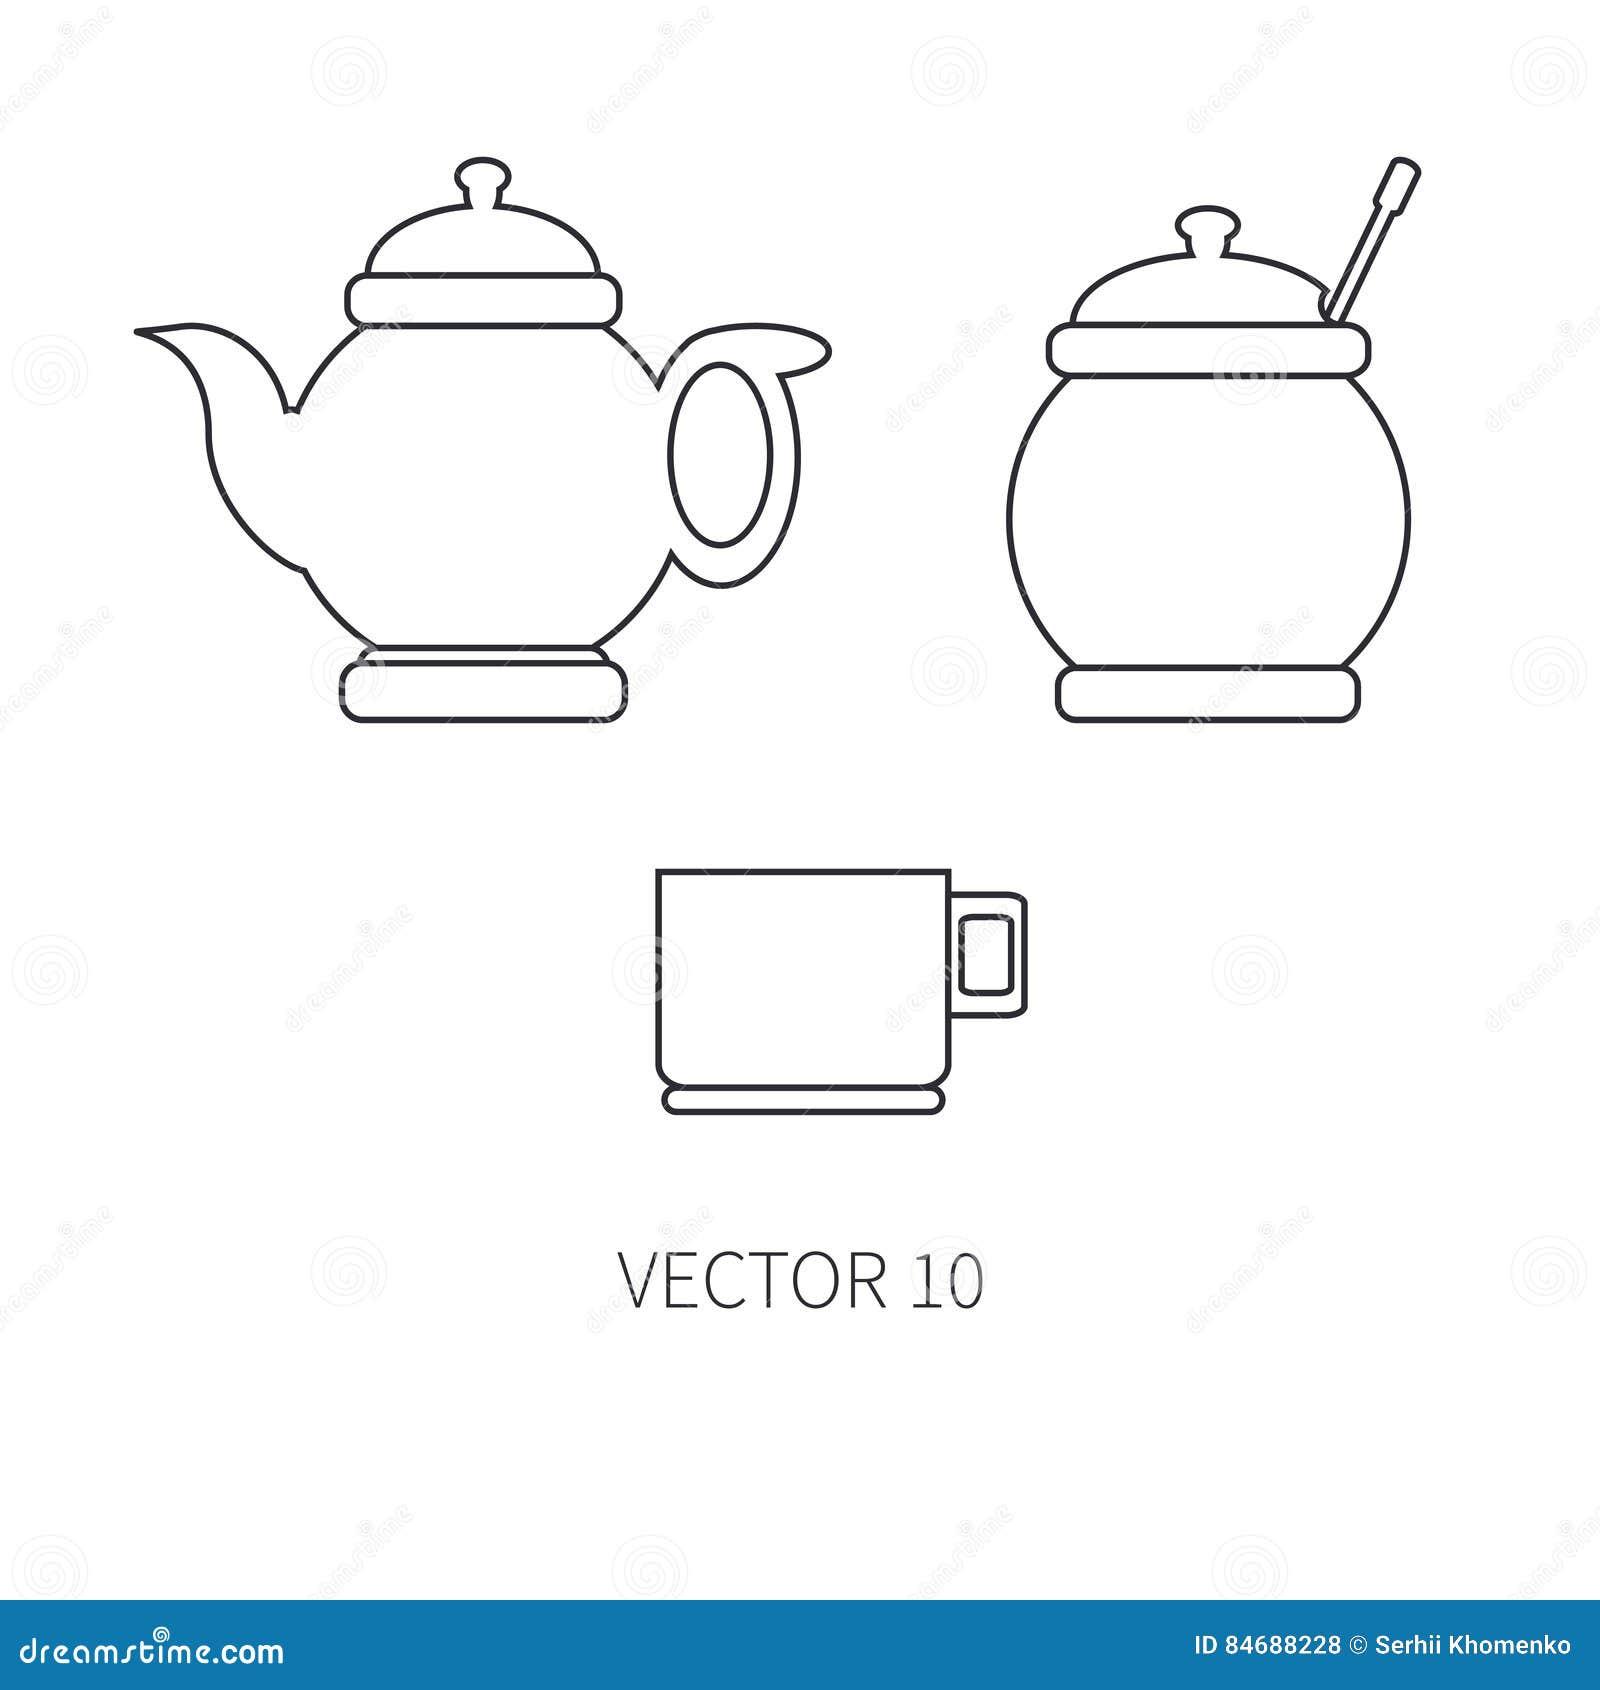 Zeichnen Sie Flache Vektorkuchengeschirrikonen Teekanne Zuckerschussel Schale Tischbesteckwerkzeuge Uberlagert Einfach Zu Be Vektor Abbildung Illustration Von Zuckerschussel Schale 84688228